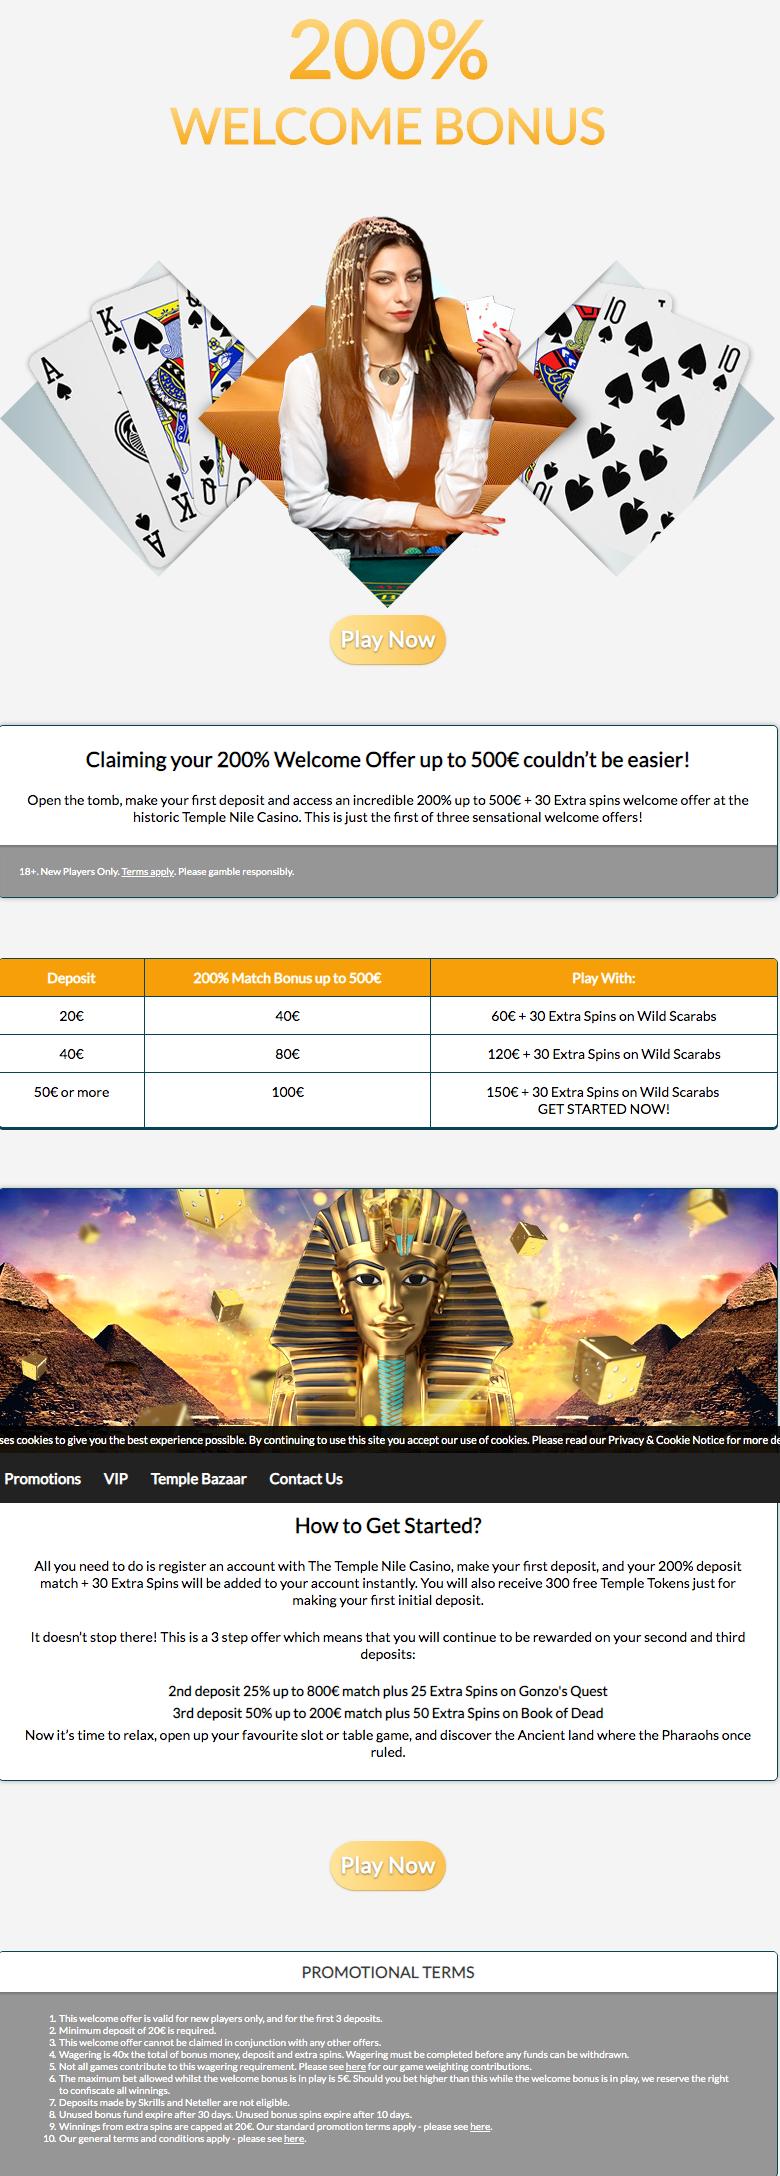 Temple Nile Bonuses